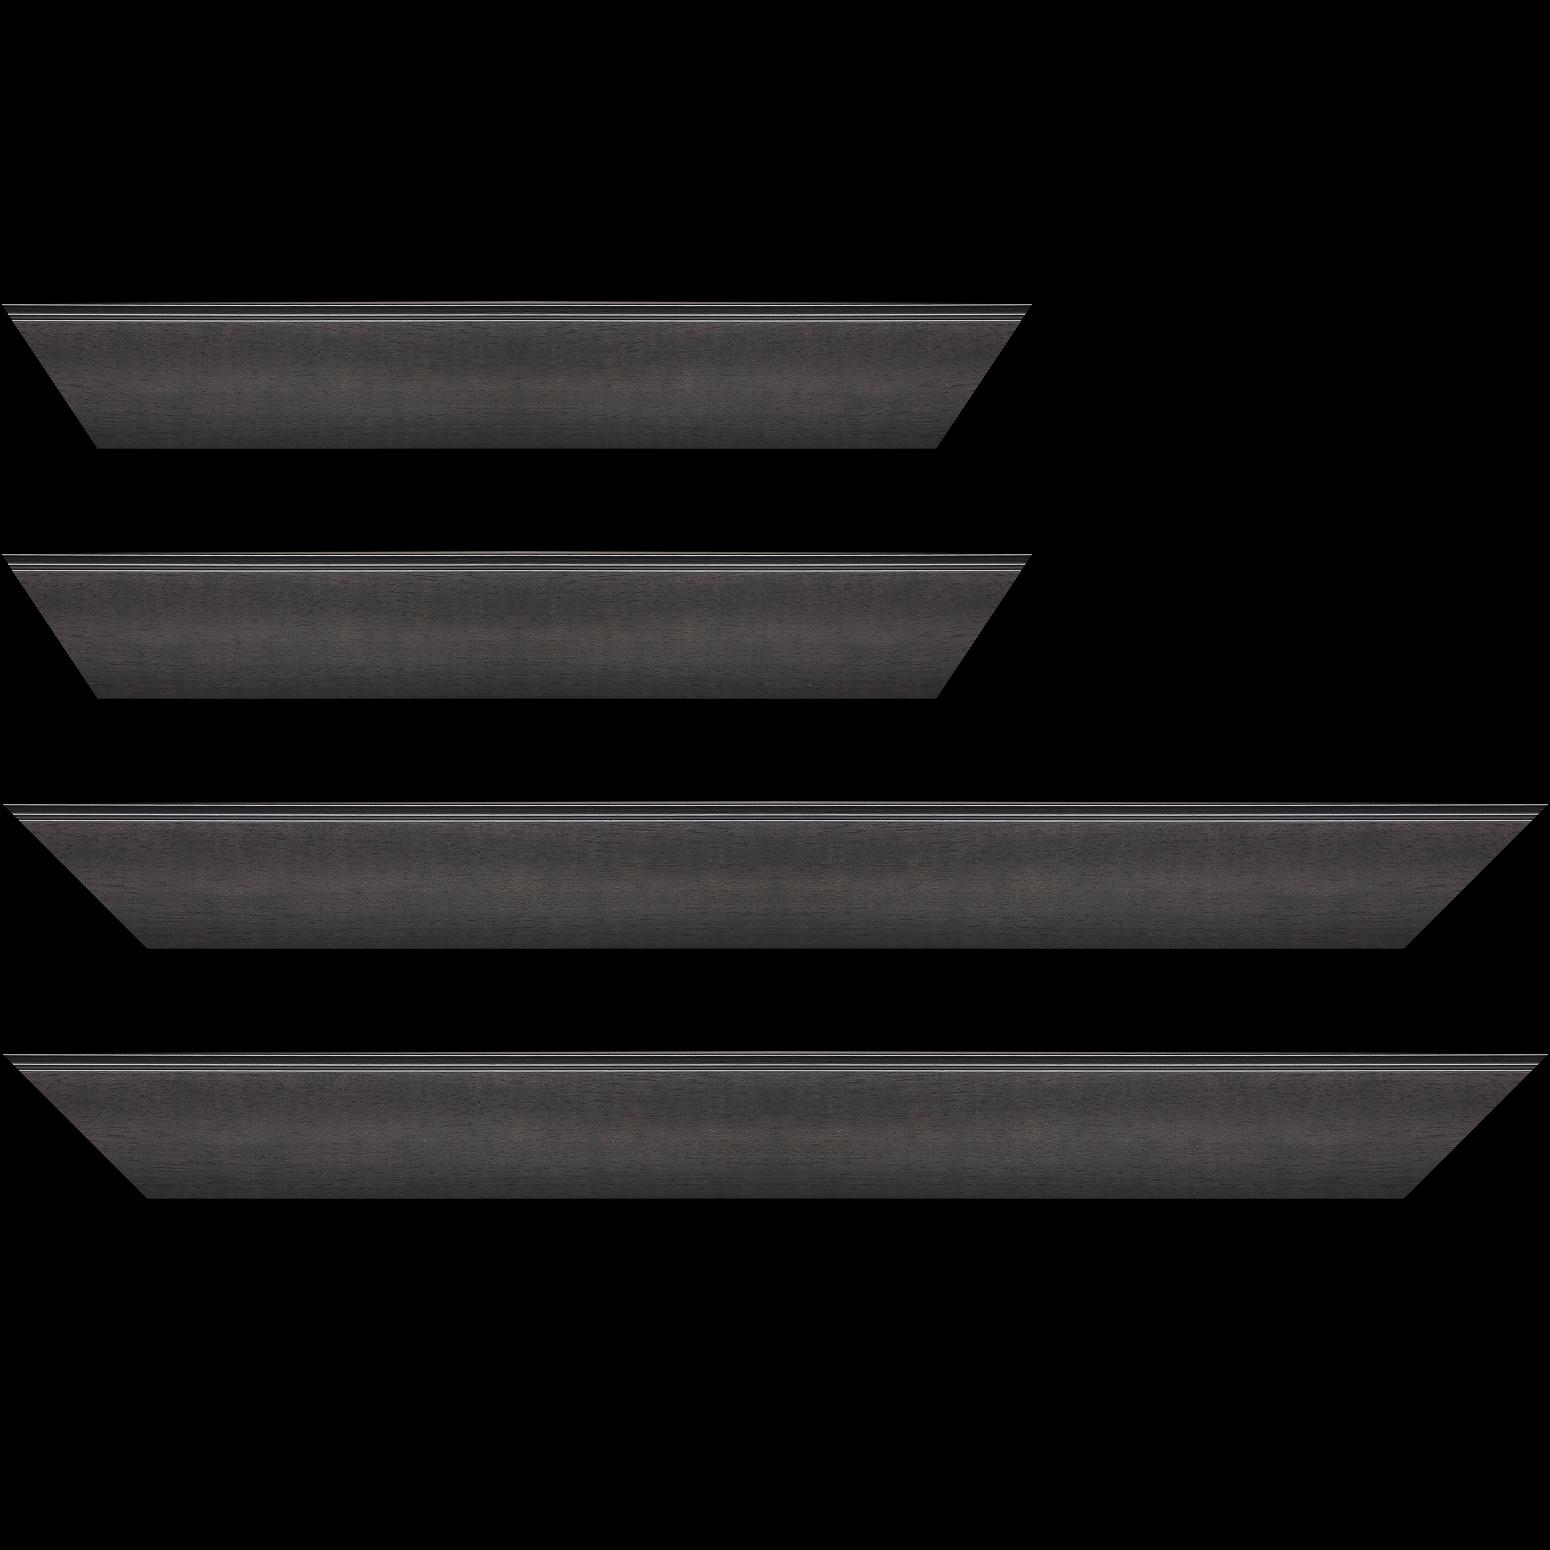 Baguette service précoupé Bois profil en pente méplat largeur 4.8cm couleur anthracite satiné surligné par une gorge extérieure noire : originalité et élégance assurée